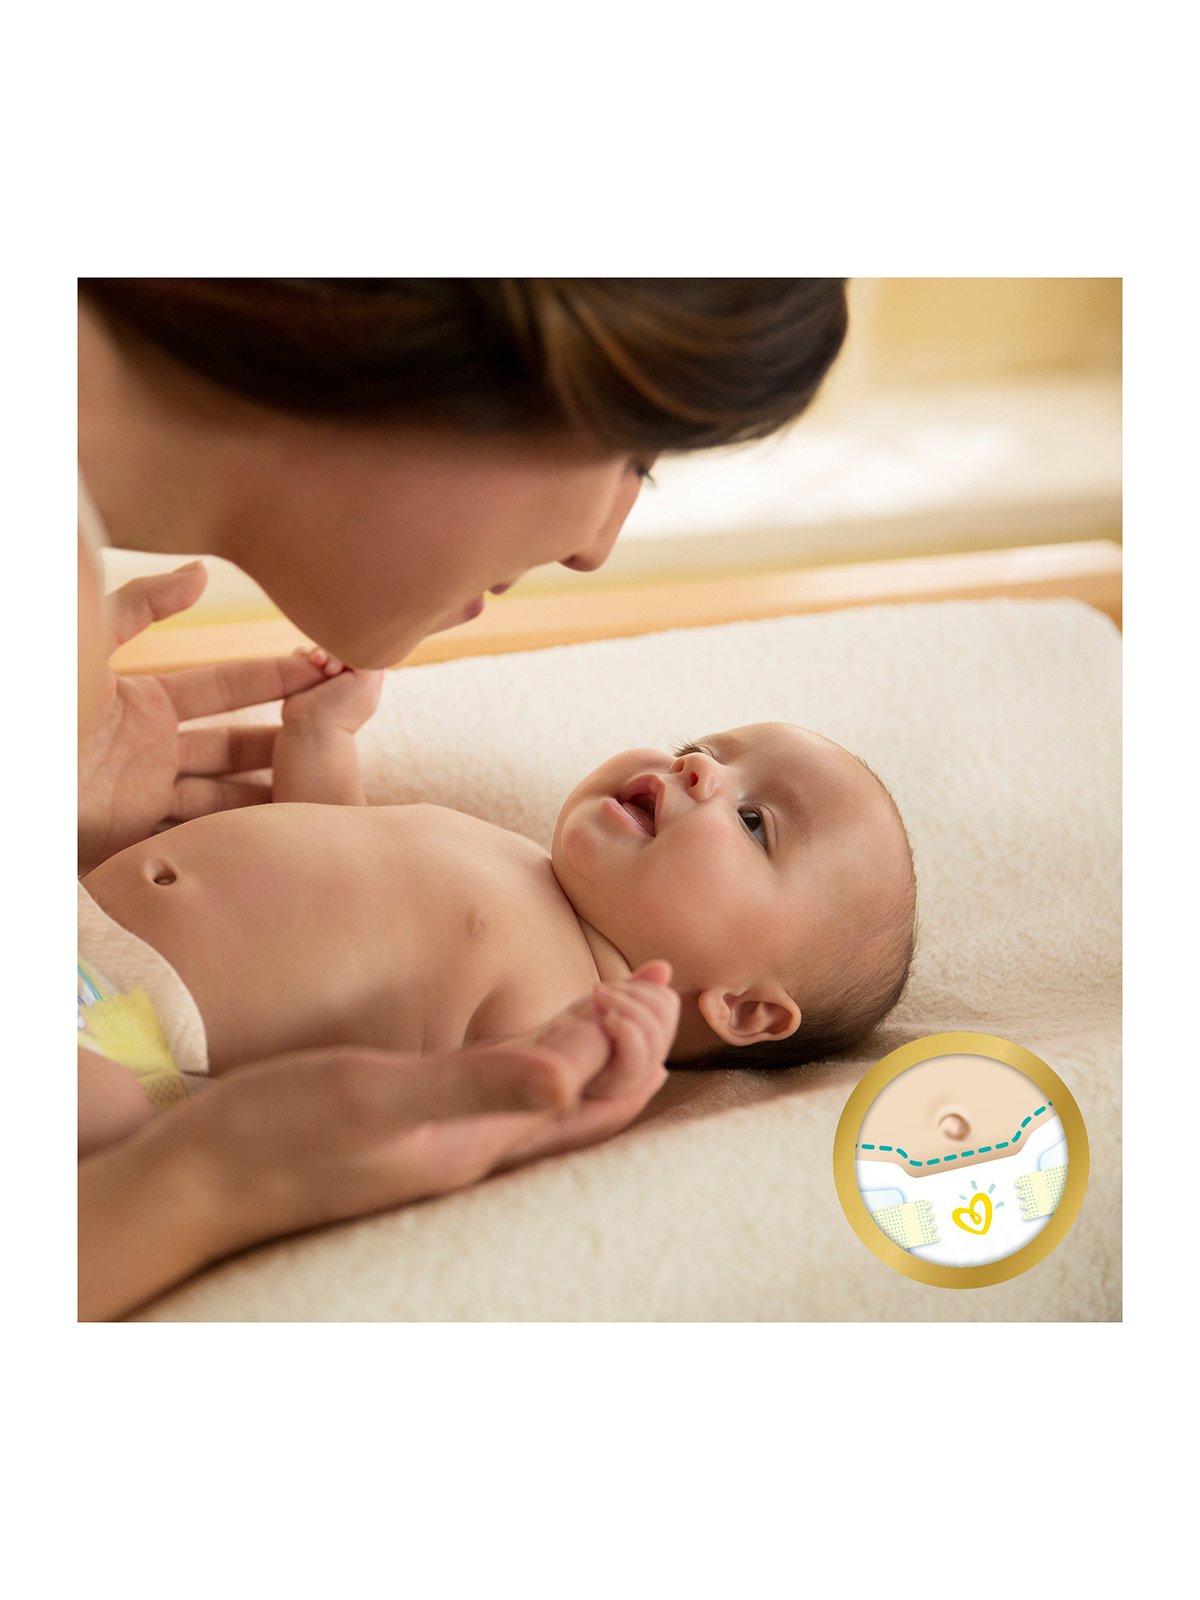 Підгузки Premium Care New Born - розмір 2 (для новонароджених) 3-6 кг (80 шт.) | 3670181 | фото 7